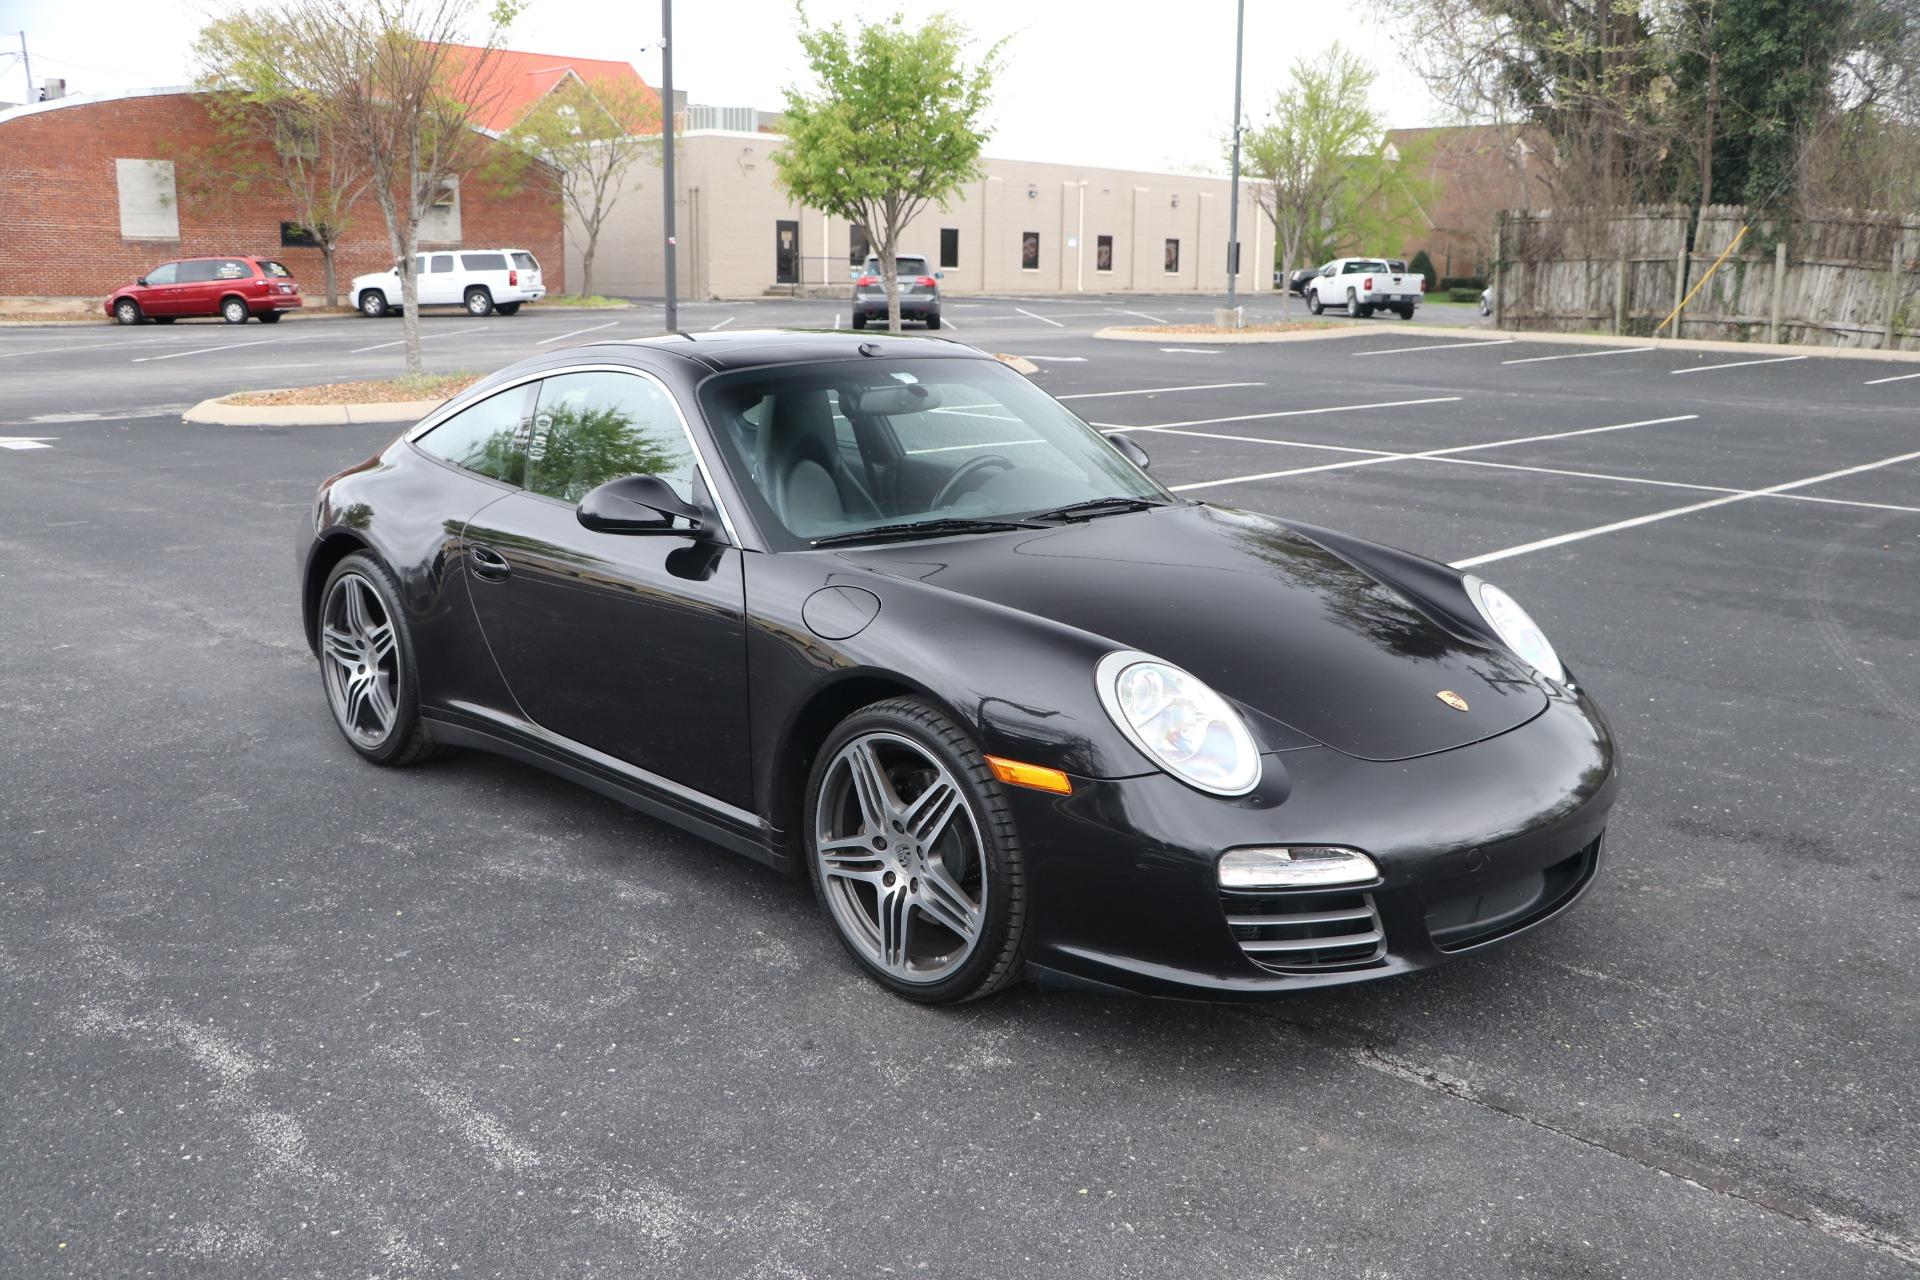 Used 2012 Porsche 911 TARGA 4 SPORT CHRONO W/NAV for sale Sold at Auto Collection in Murfreesboro TN 37130 1